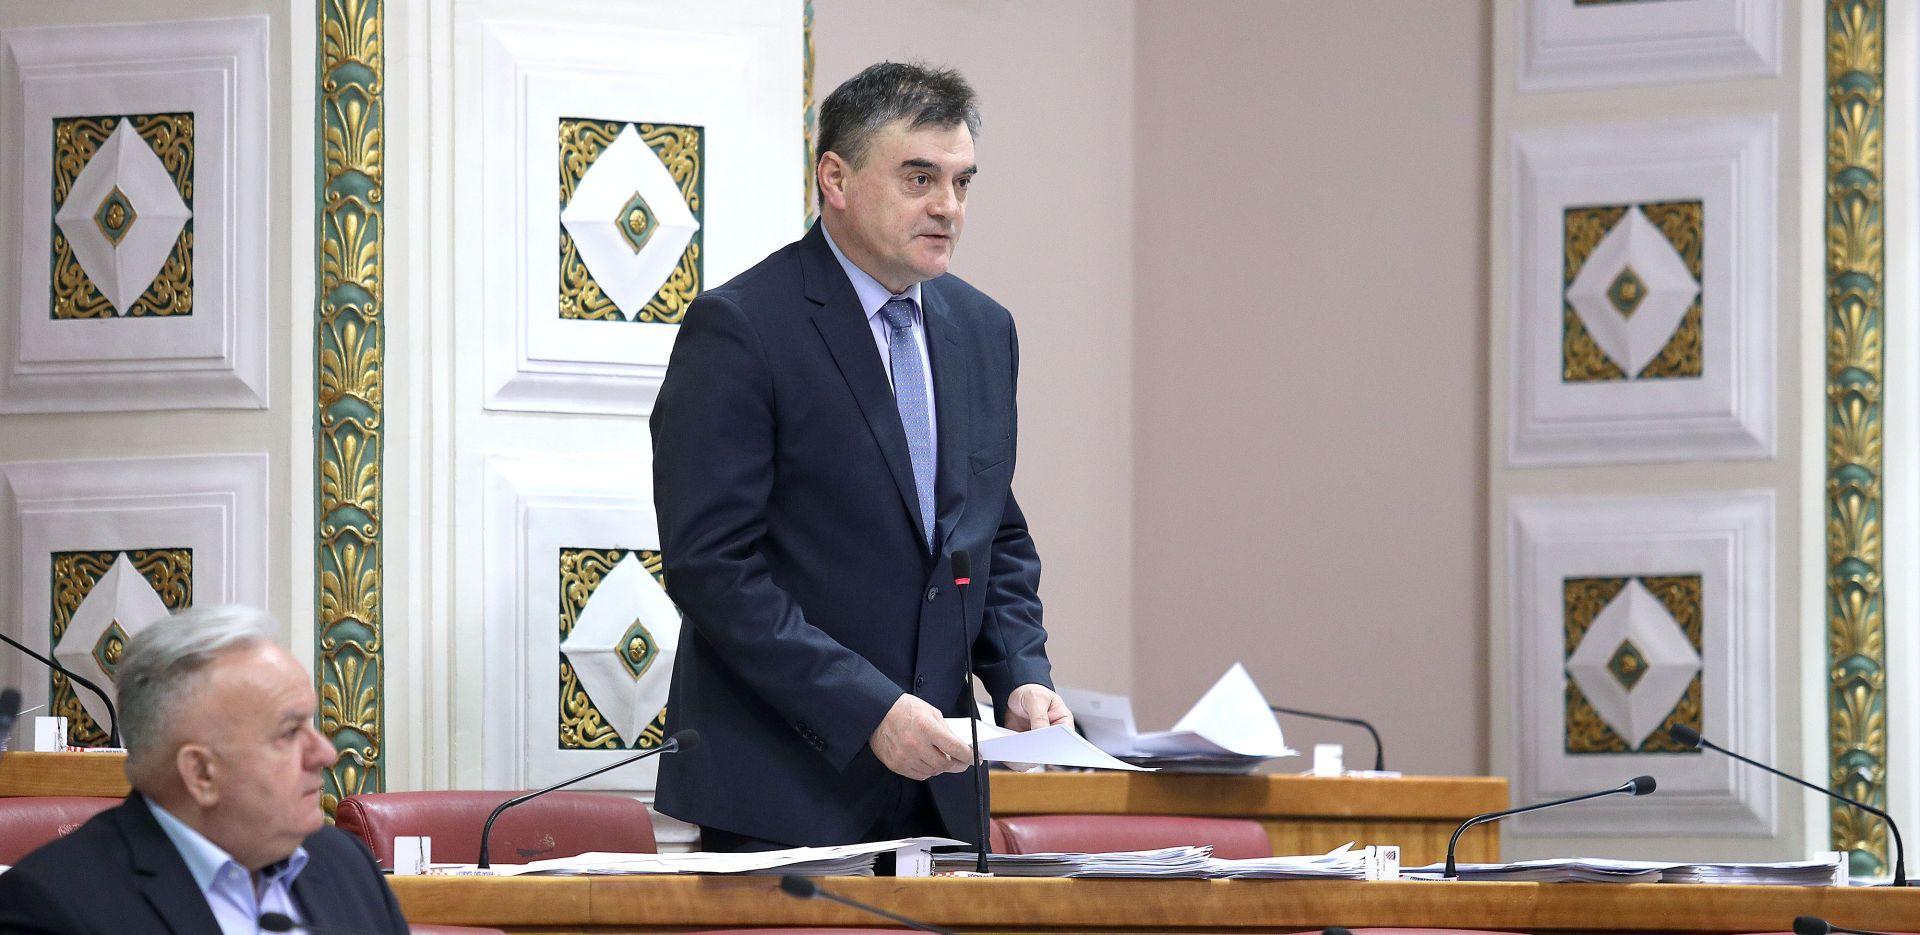 DAVOR VLAOVIĆ (HSS) 'U svakom selu treba biti obiteljski liječnik'